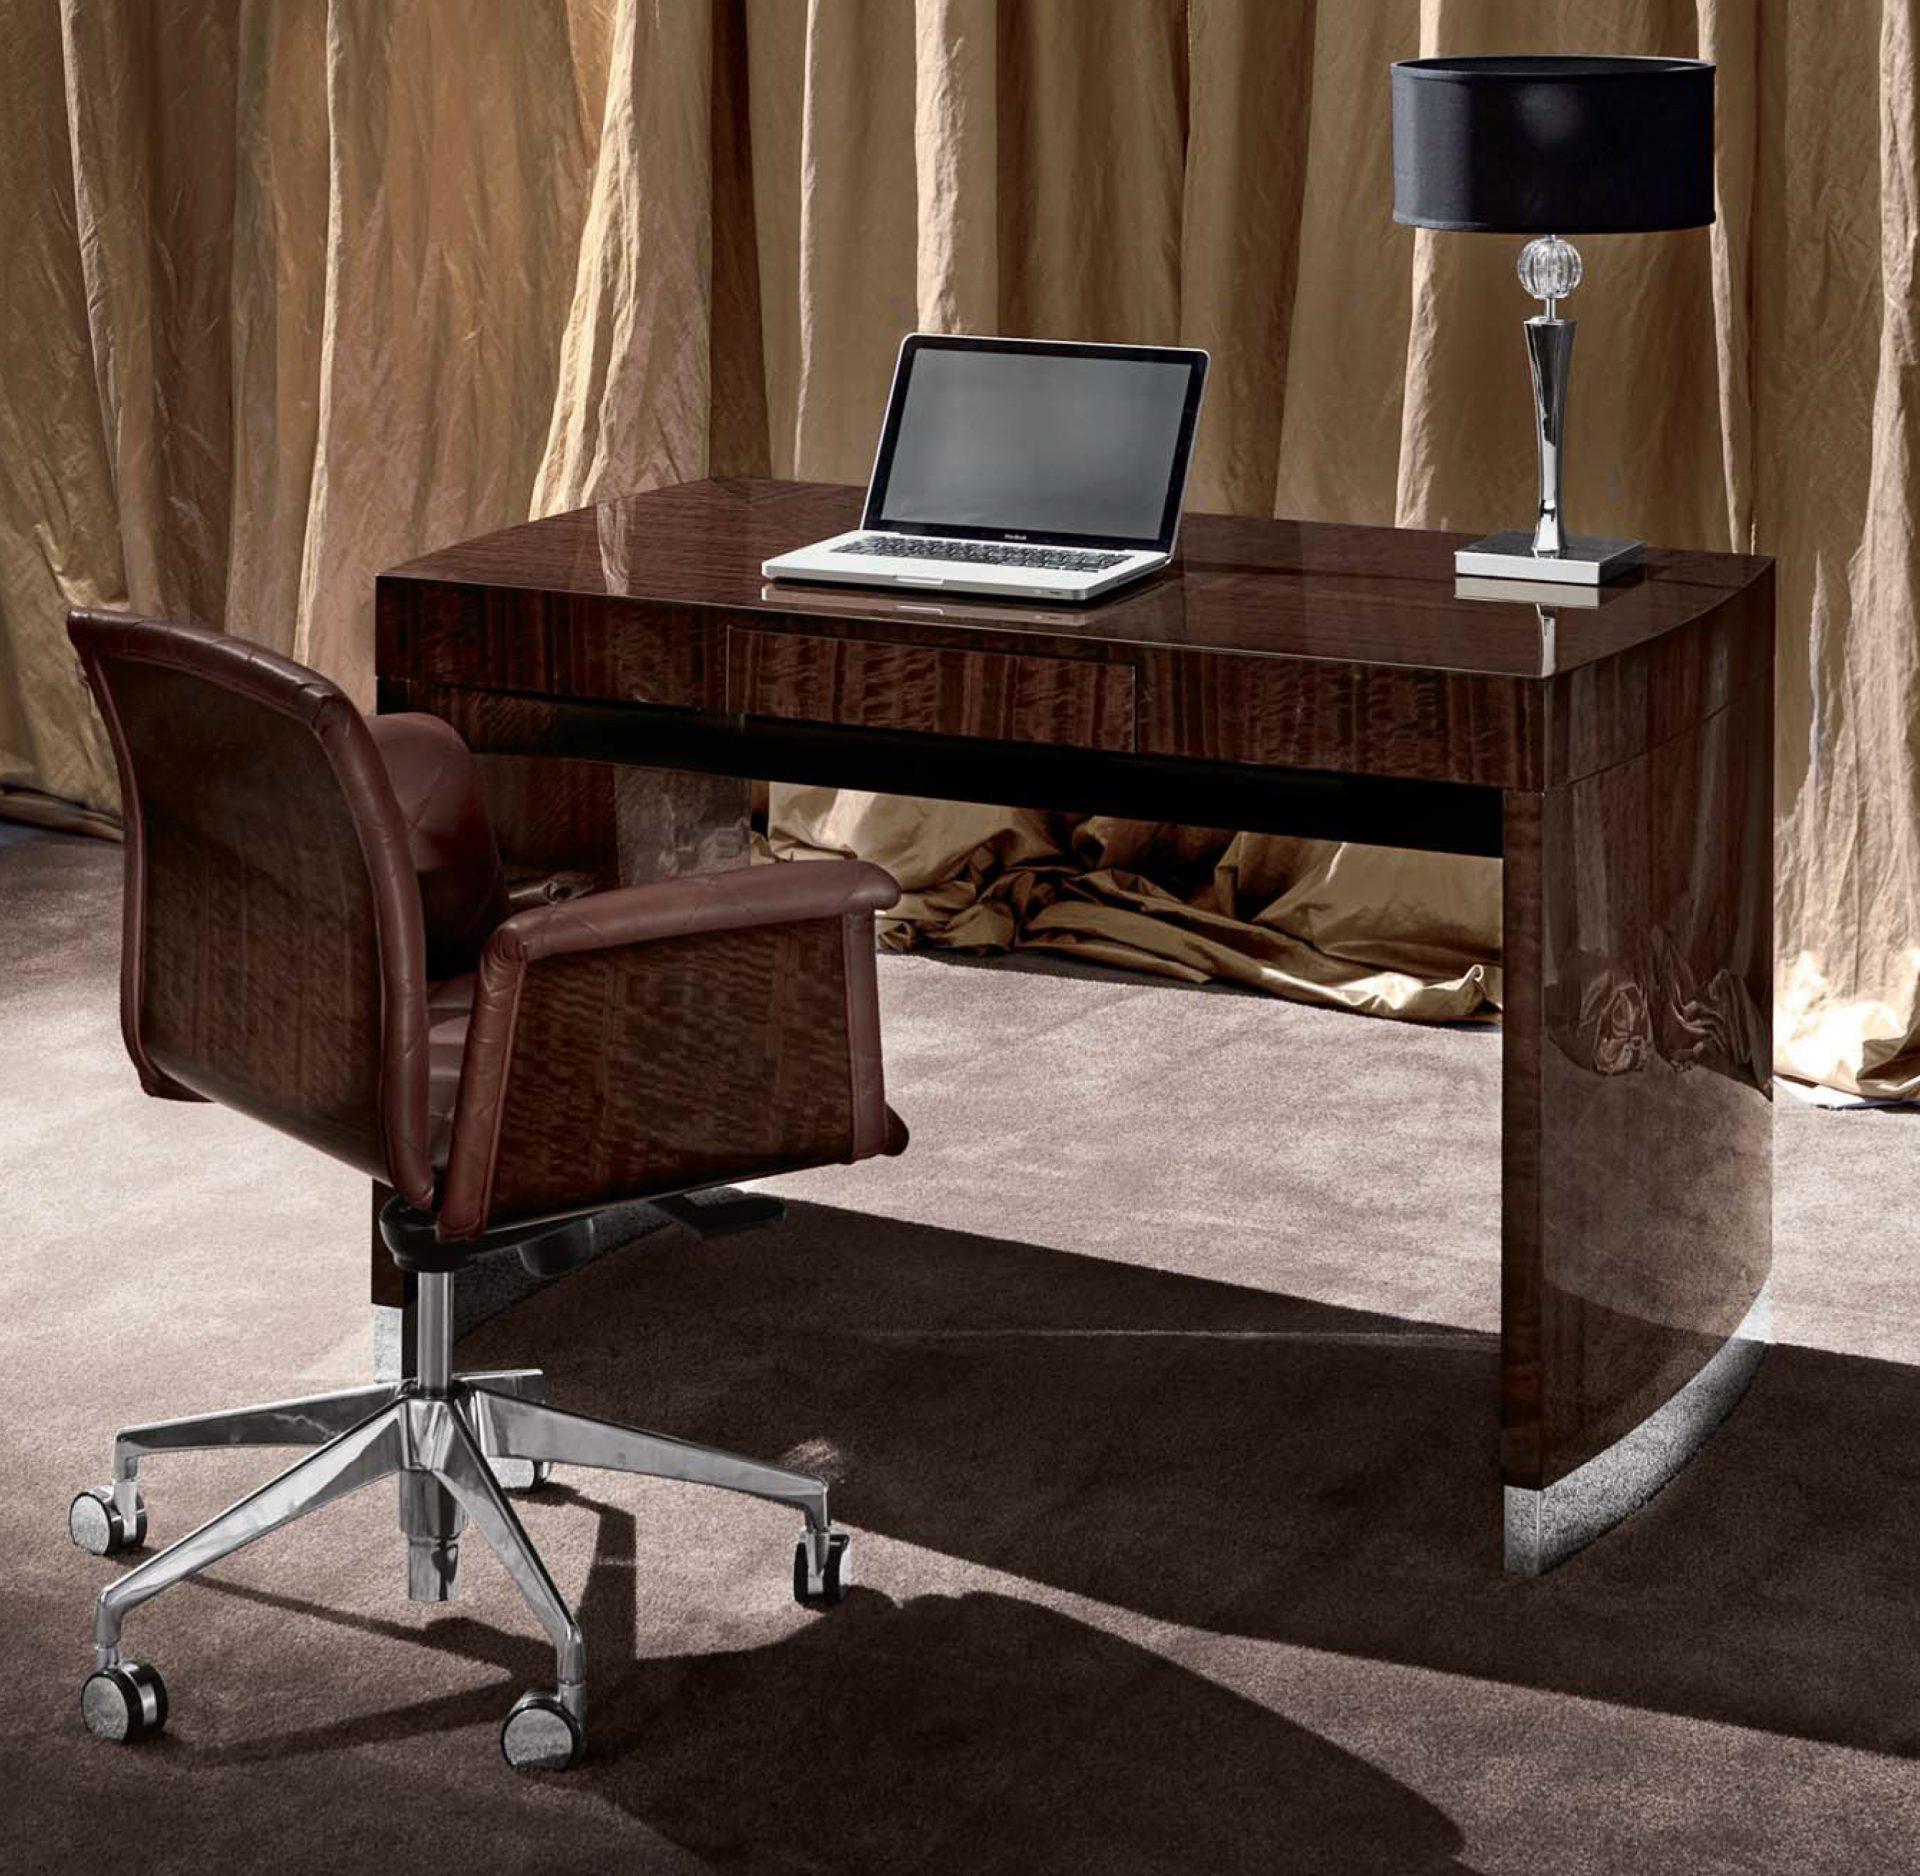 Vogue Writing Desk